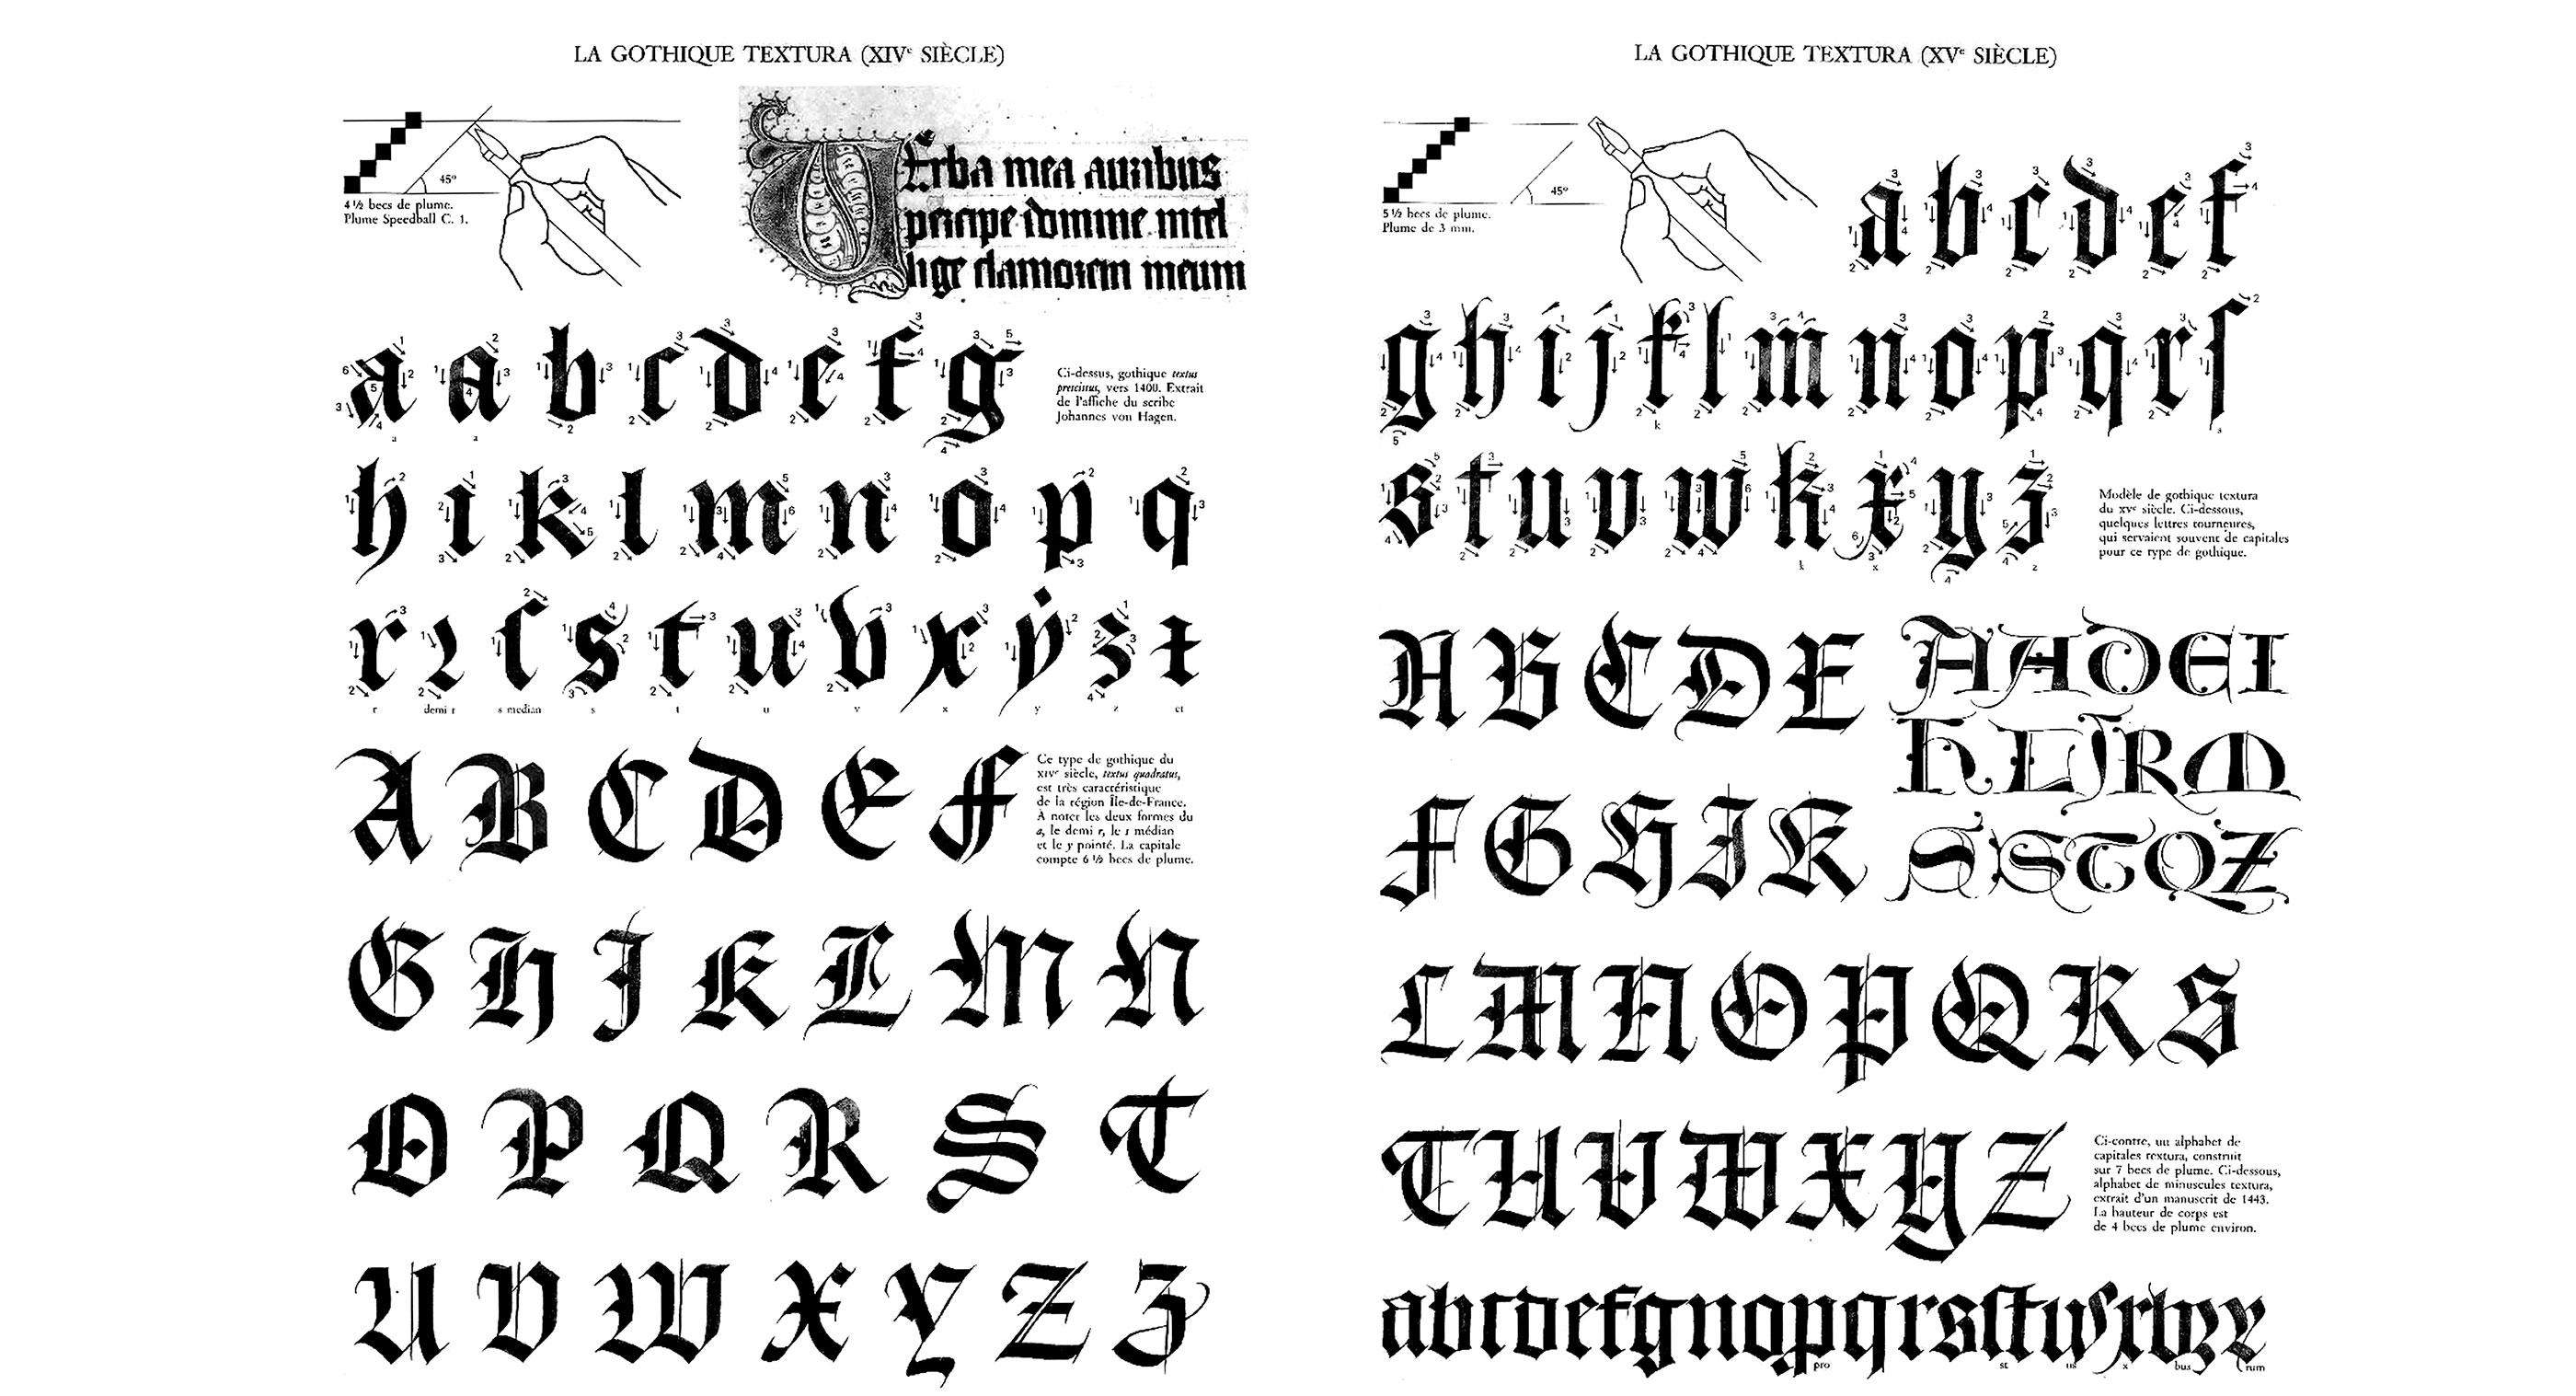 Claude mdiavilla calligraphie index grafik claude mediavilla calligraphie gothique textura nb thecheapjerseys Image collections